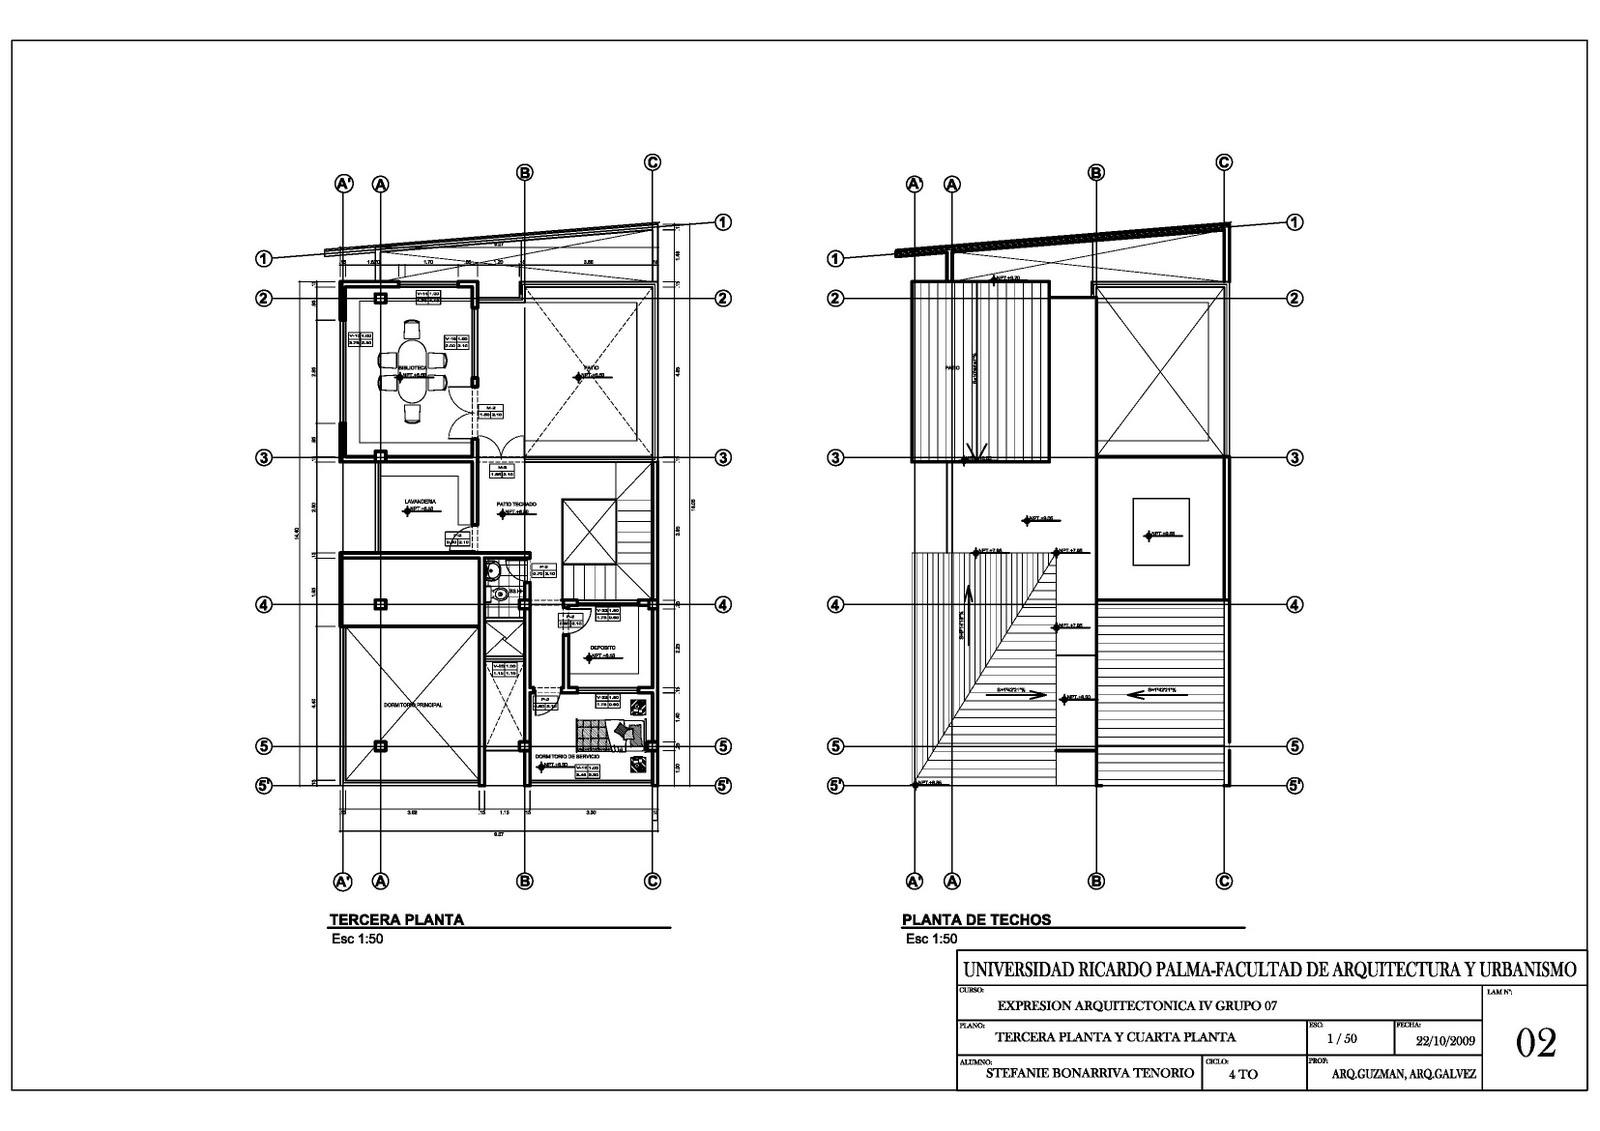 Planos de arquitectura for Representacion arquitectonica en planos